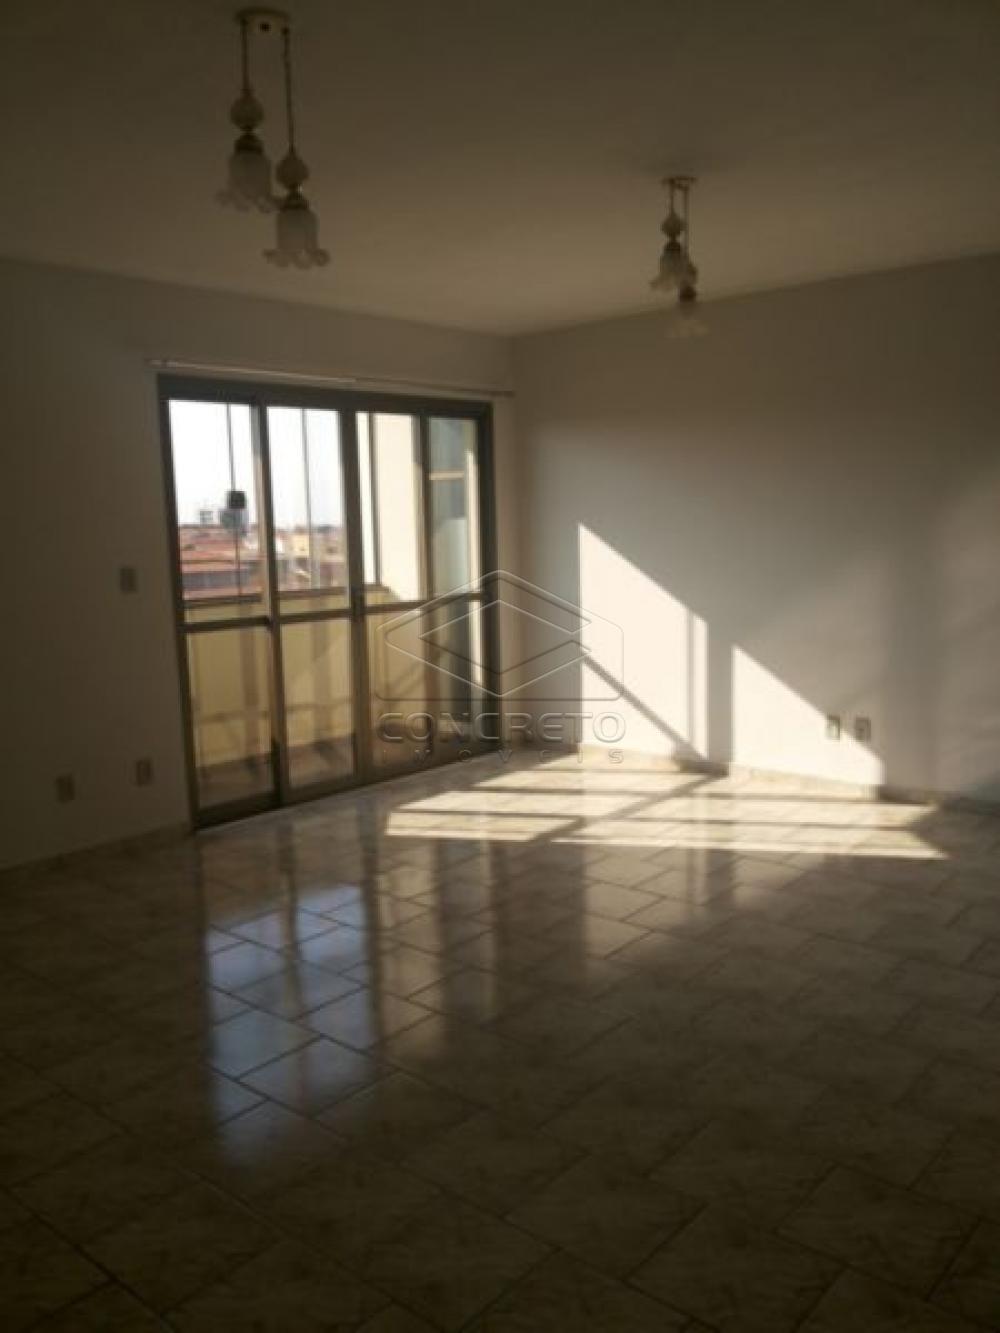 Alugar Apartamento / Padrão em Botucatu R$ 1.170,00 - Foto 4